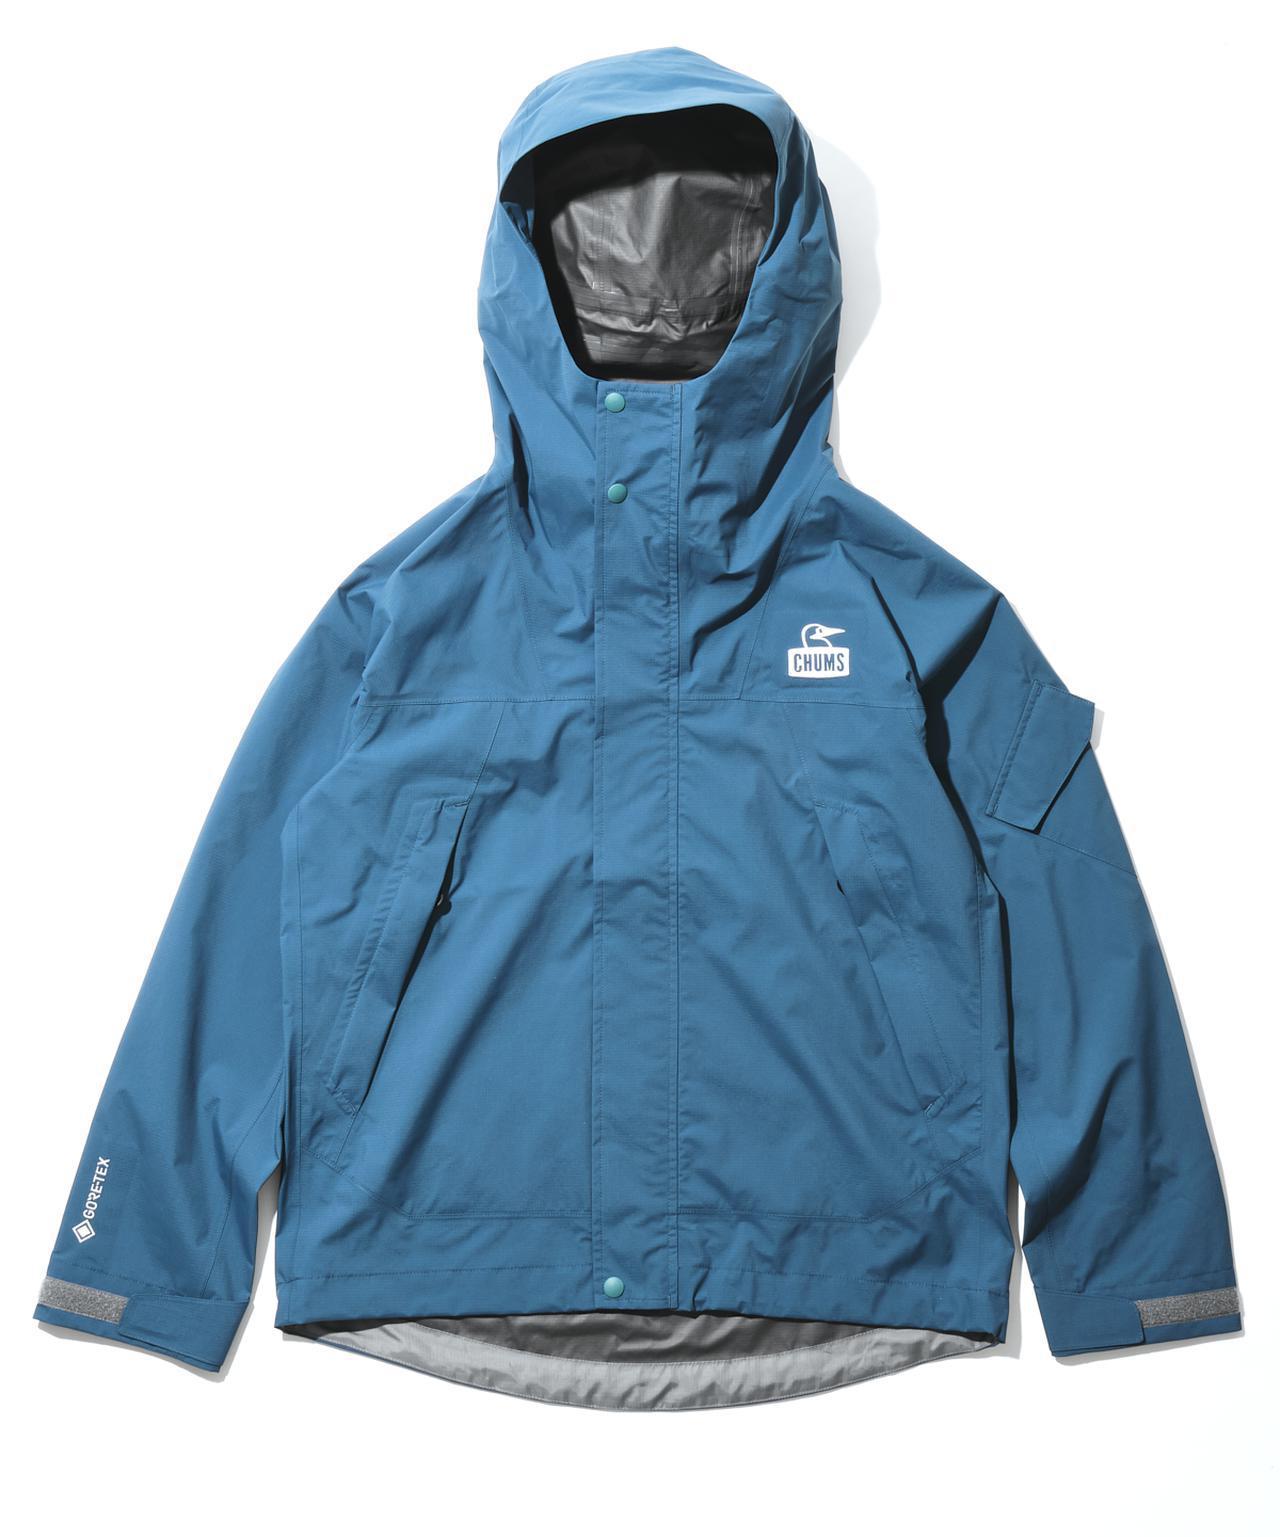 画像3: 街着としても着用しやすいシンプルなジャケット